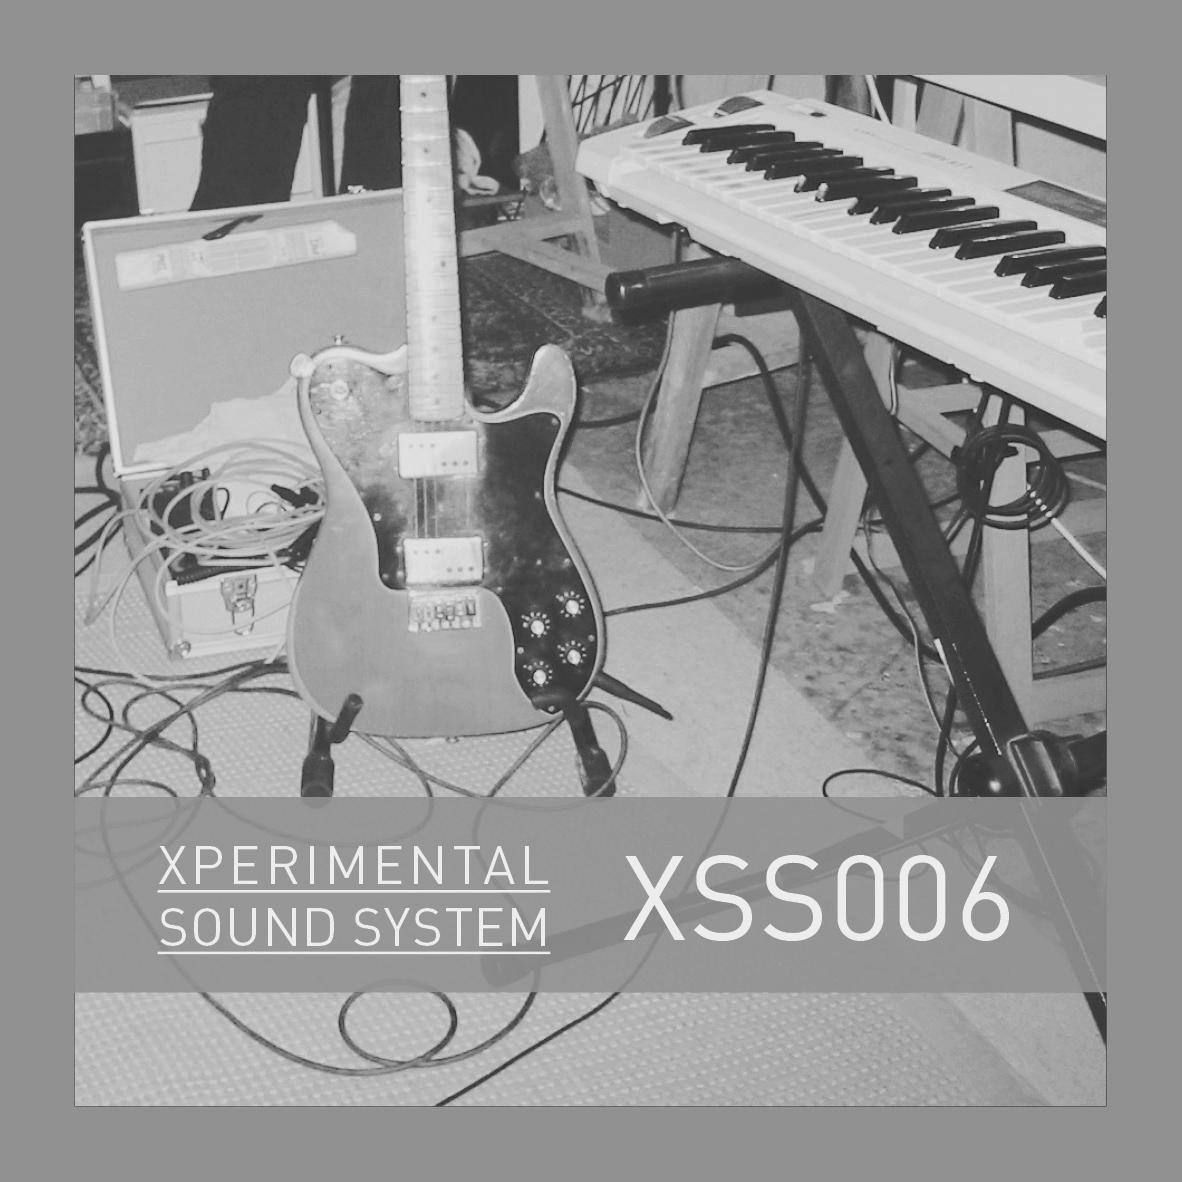 XSS006